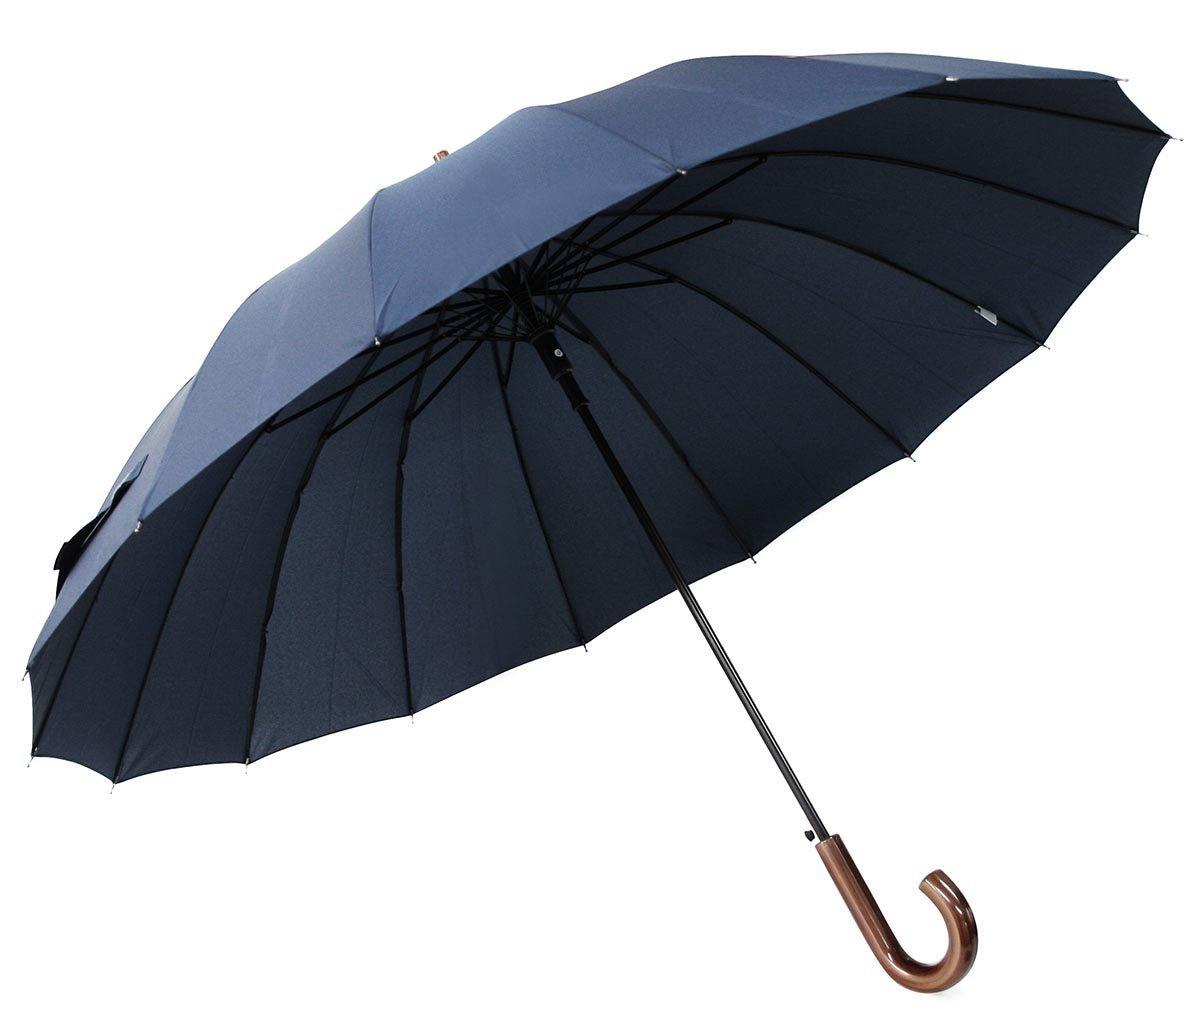 16ロングカーボン メンズ長傘